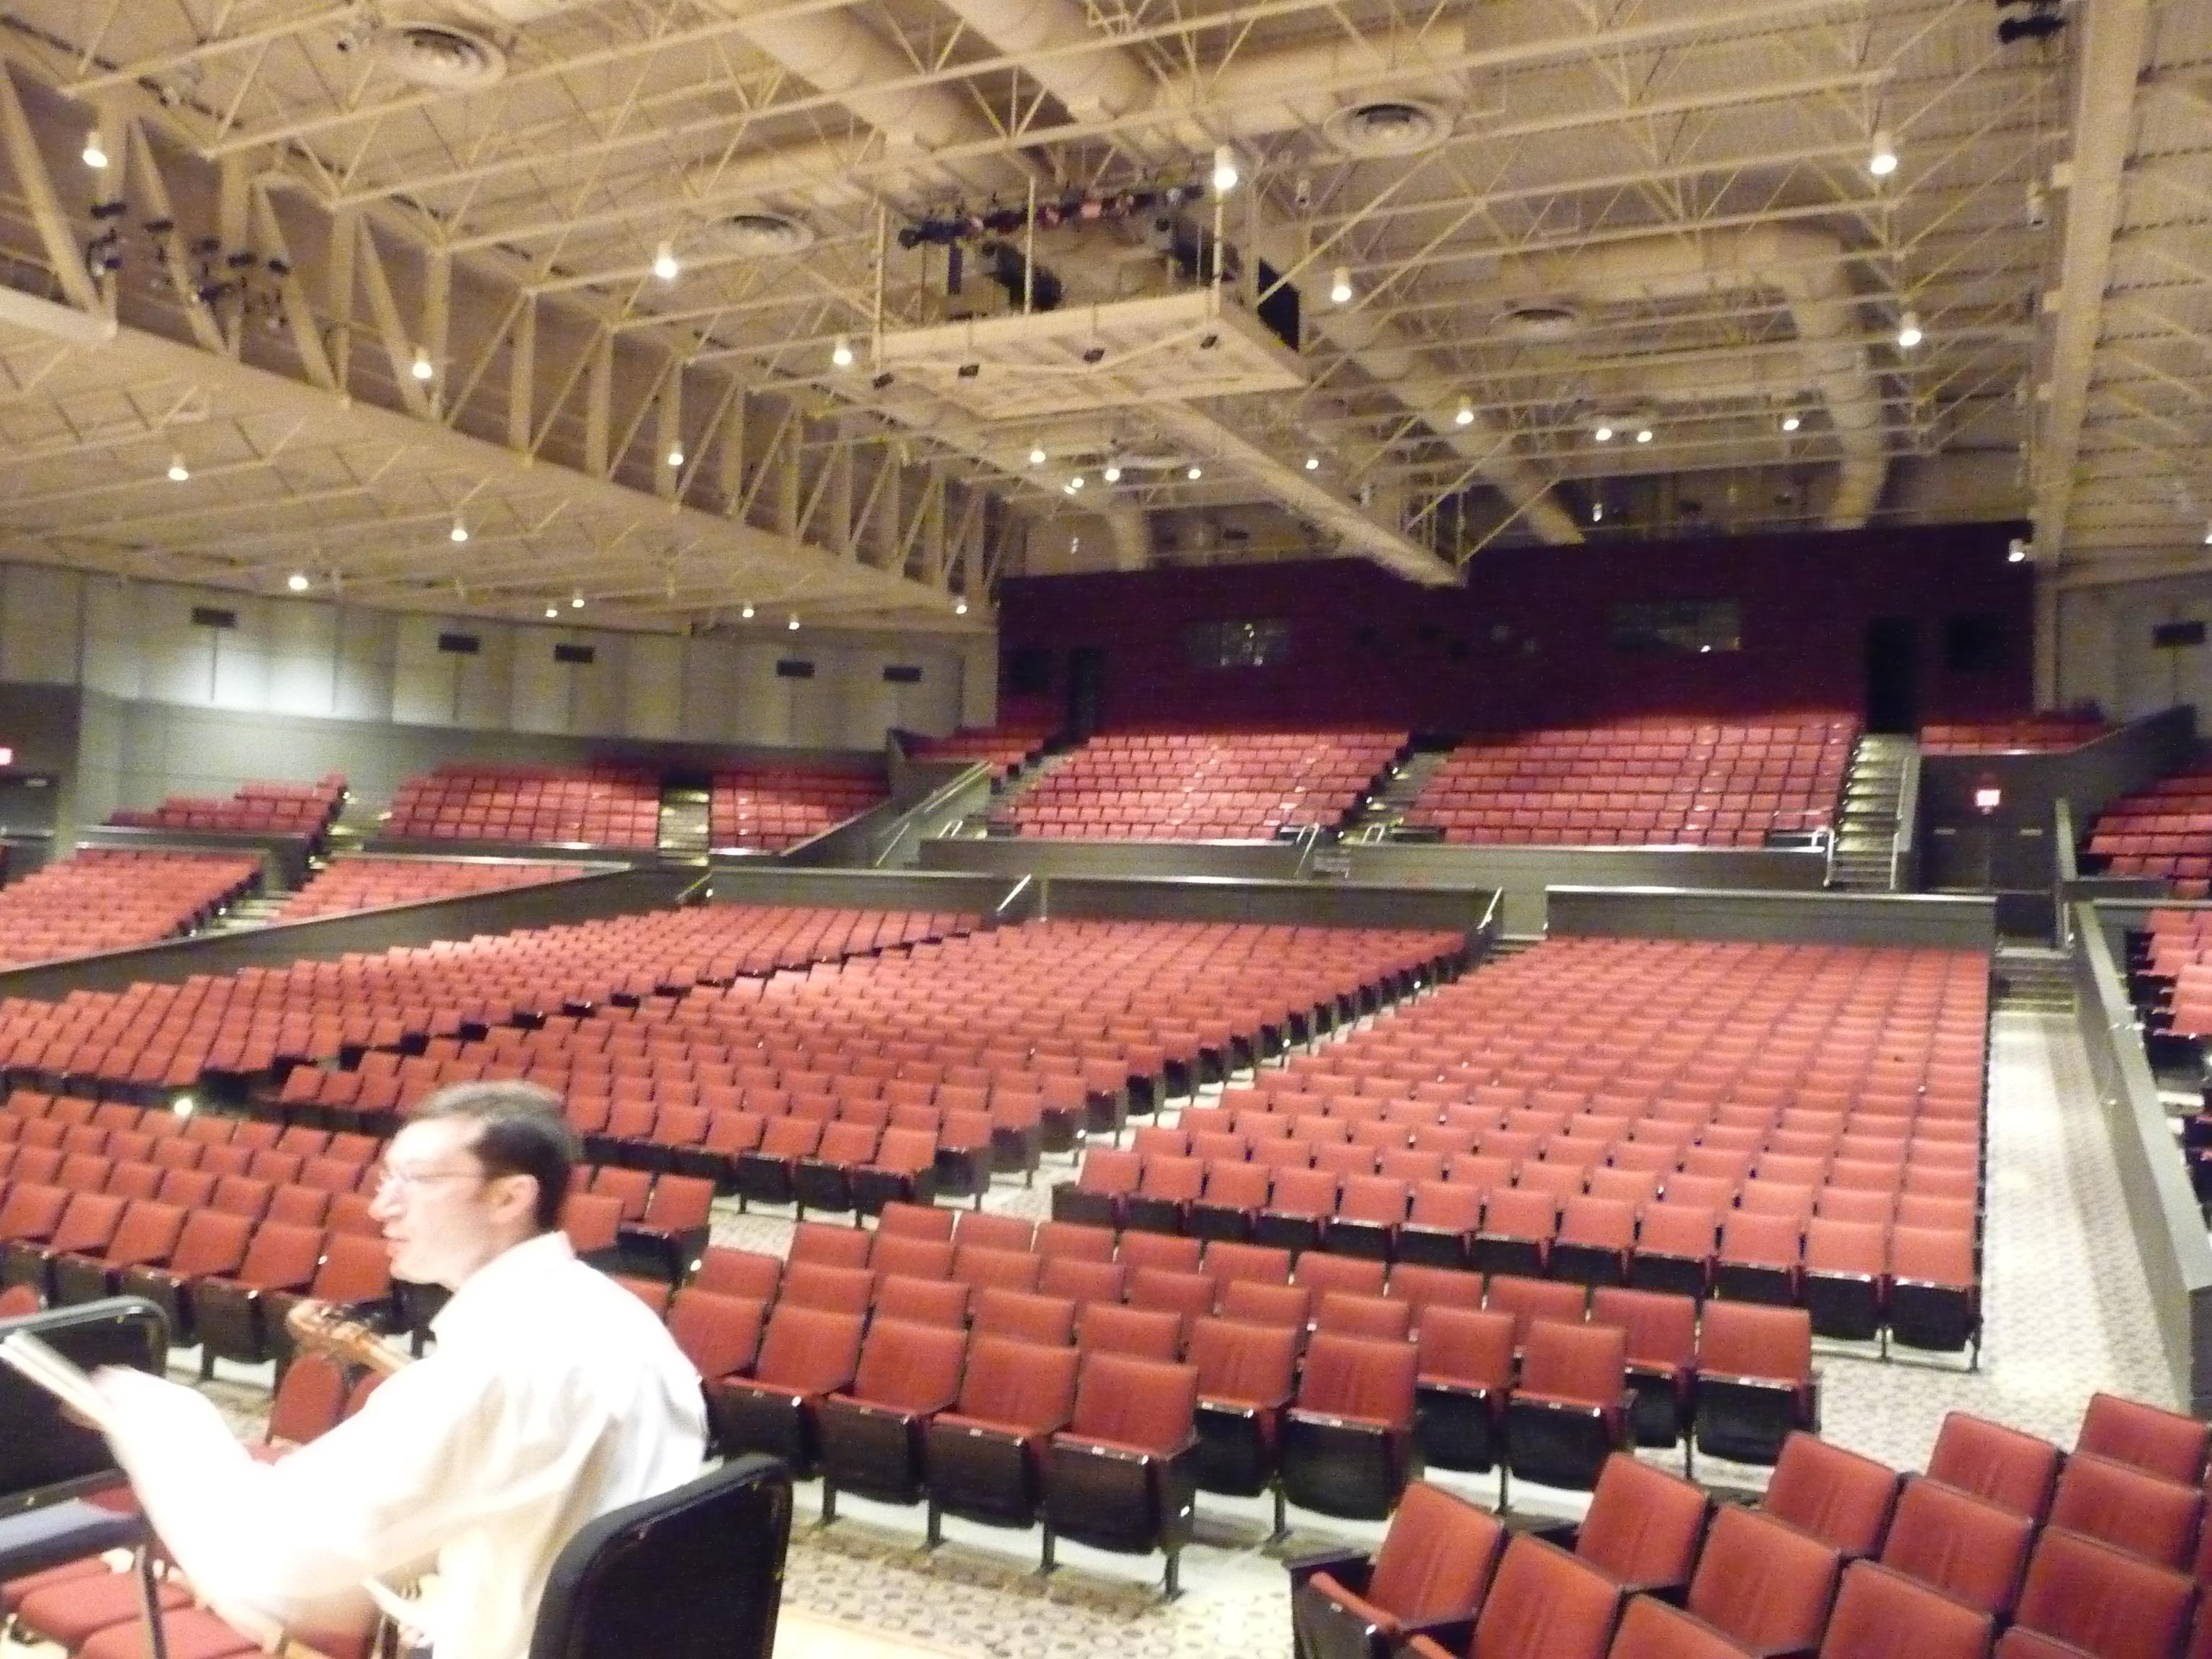 Tilles Center Concert Hall Seating Chart Tilles Center